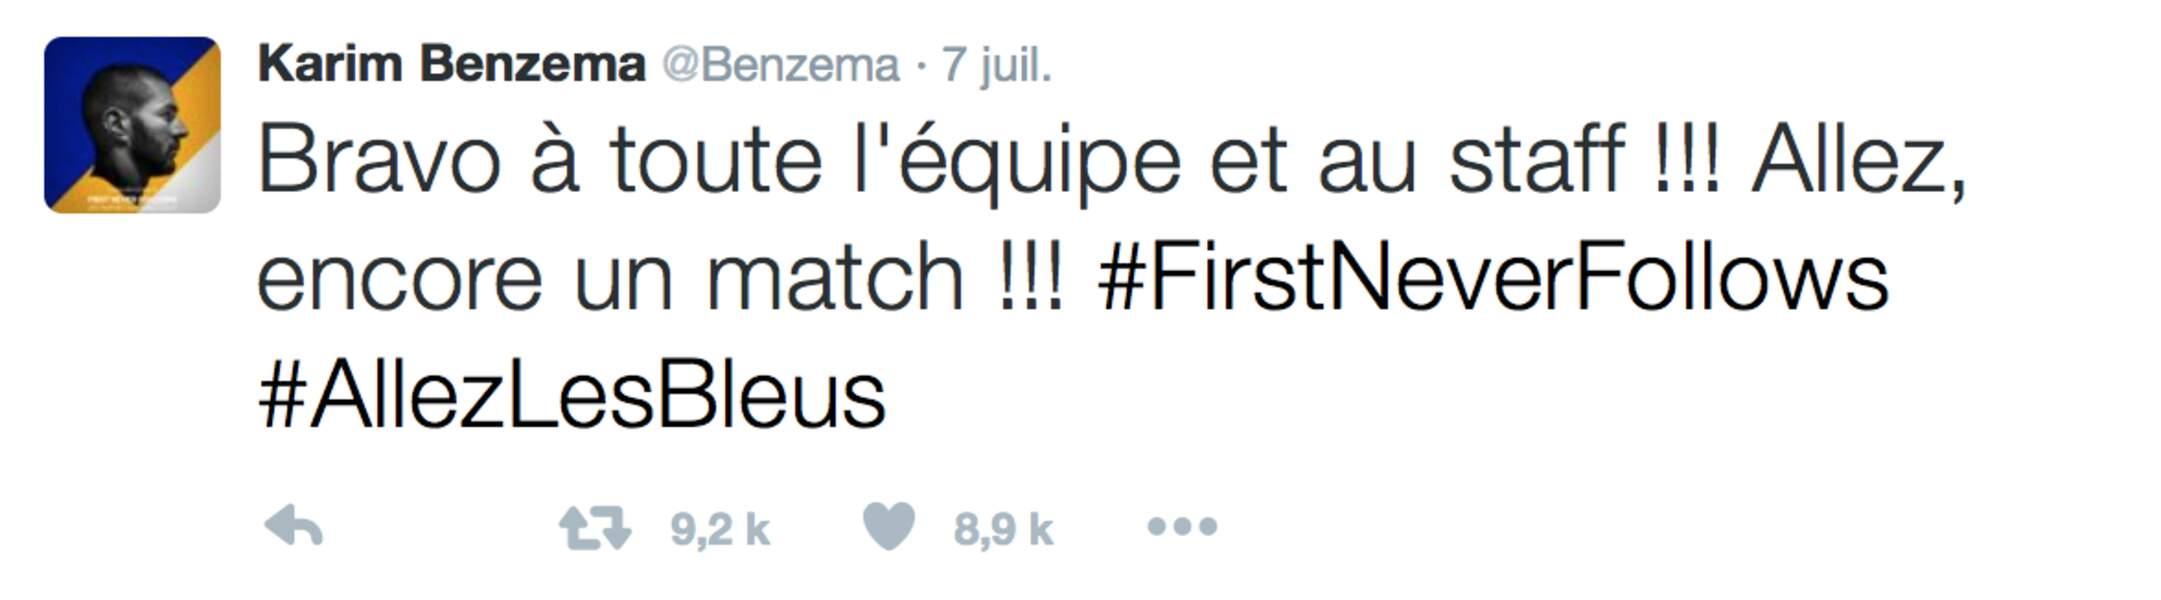 Quelle que soit sa prochaine destination, Karim Benzema n'a pas oublié d'adresser un message de soutien aux Bleus